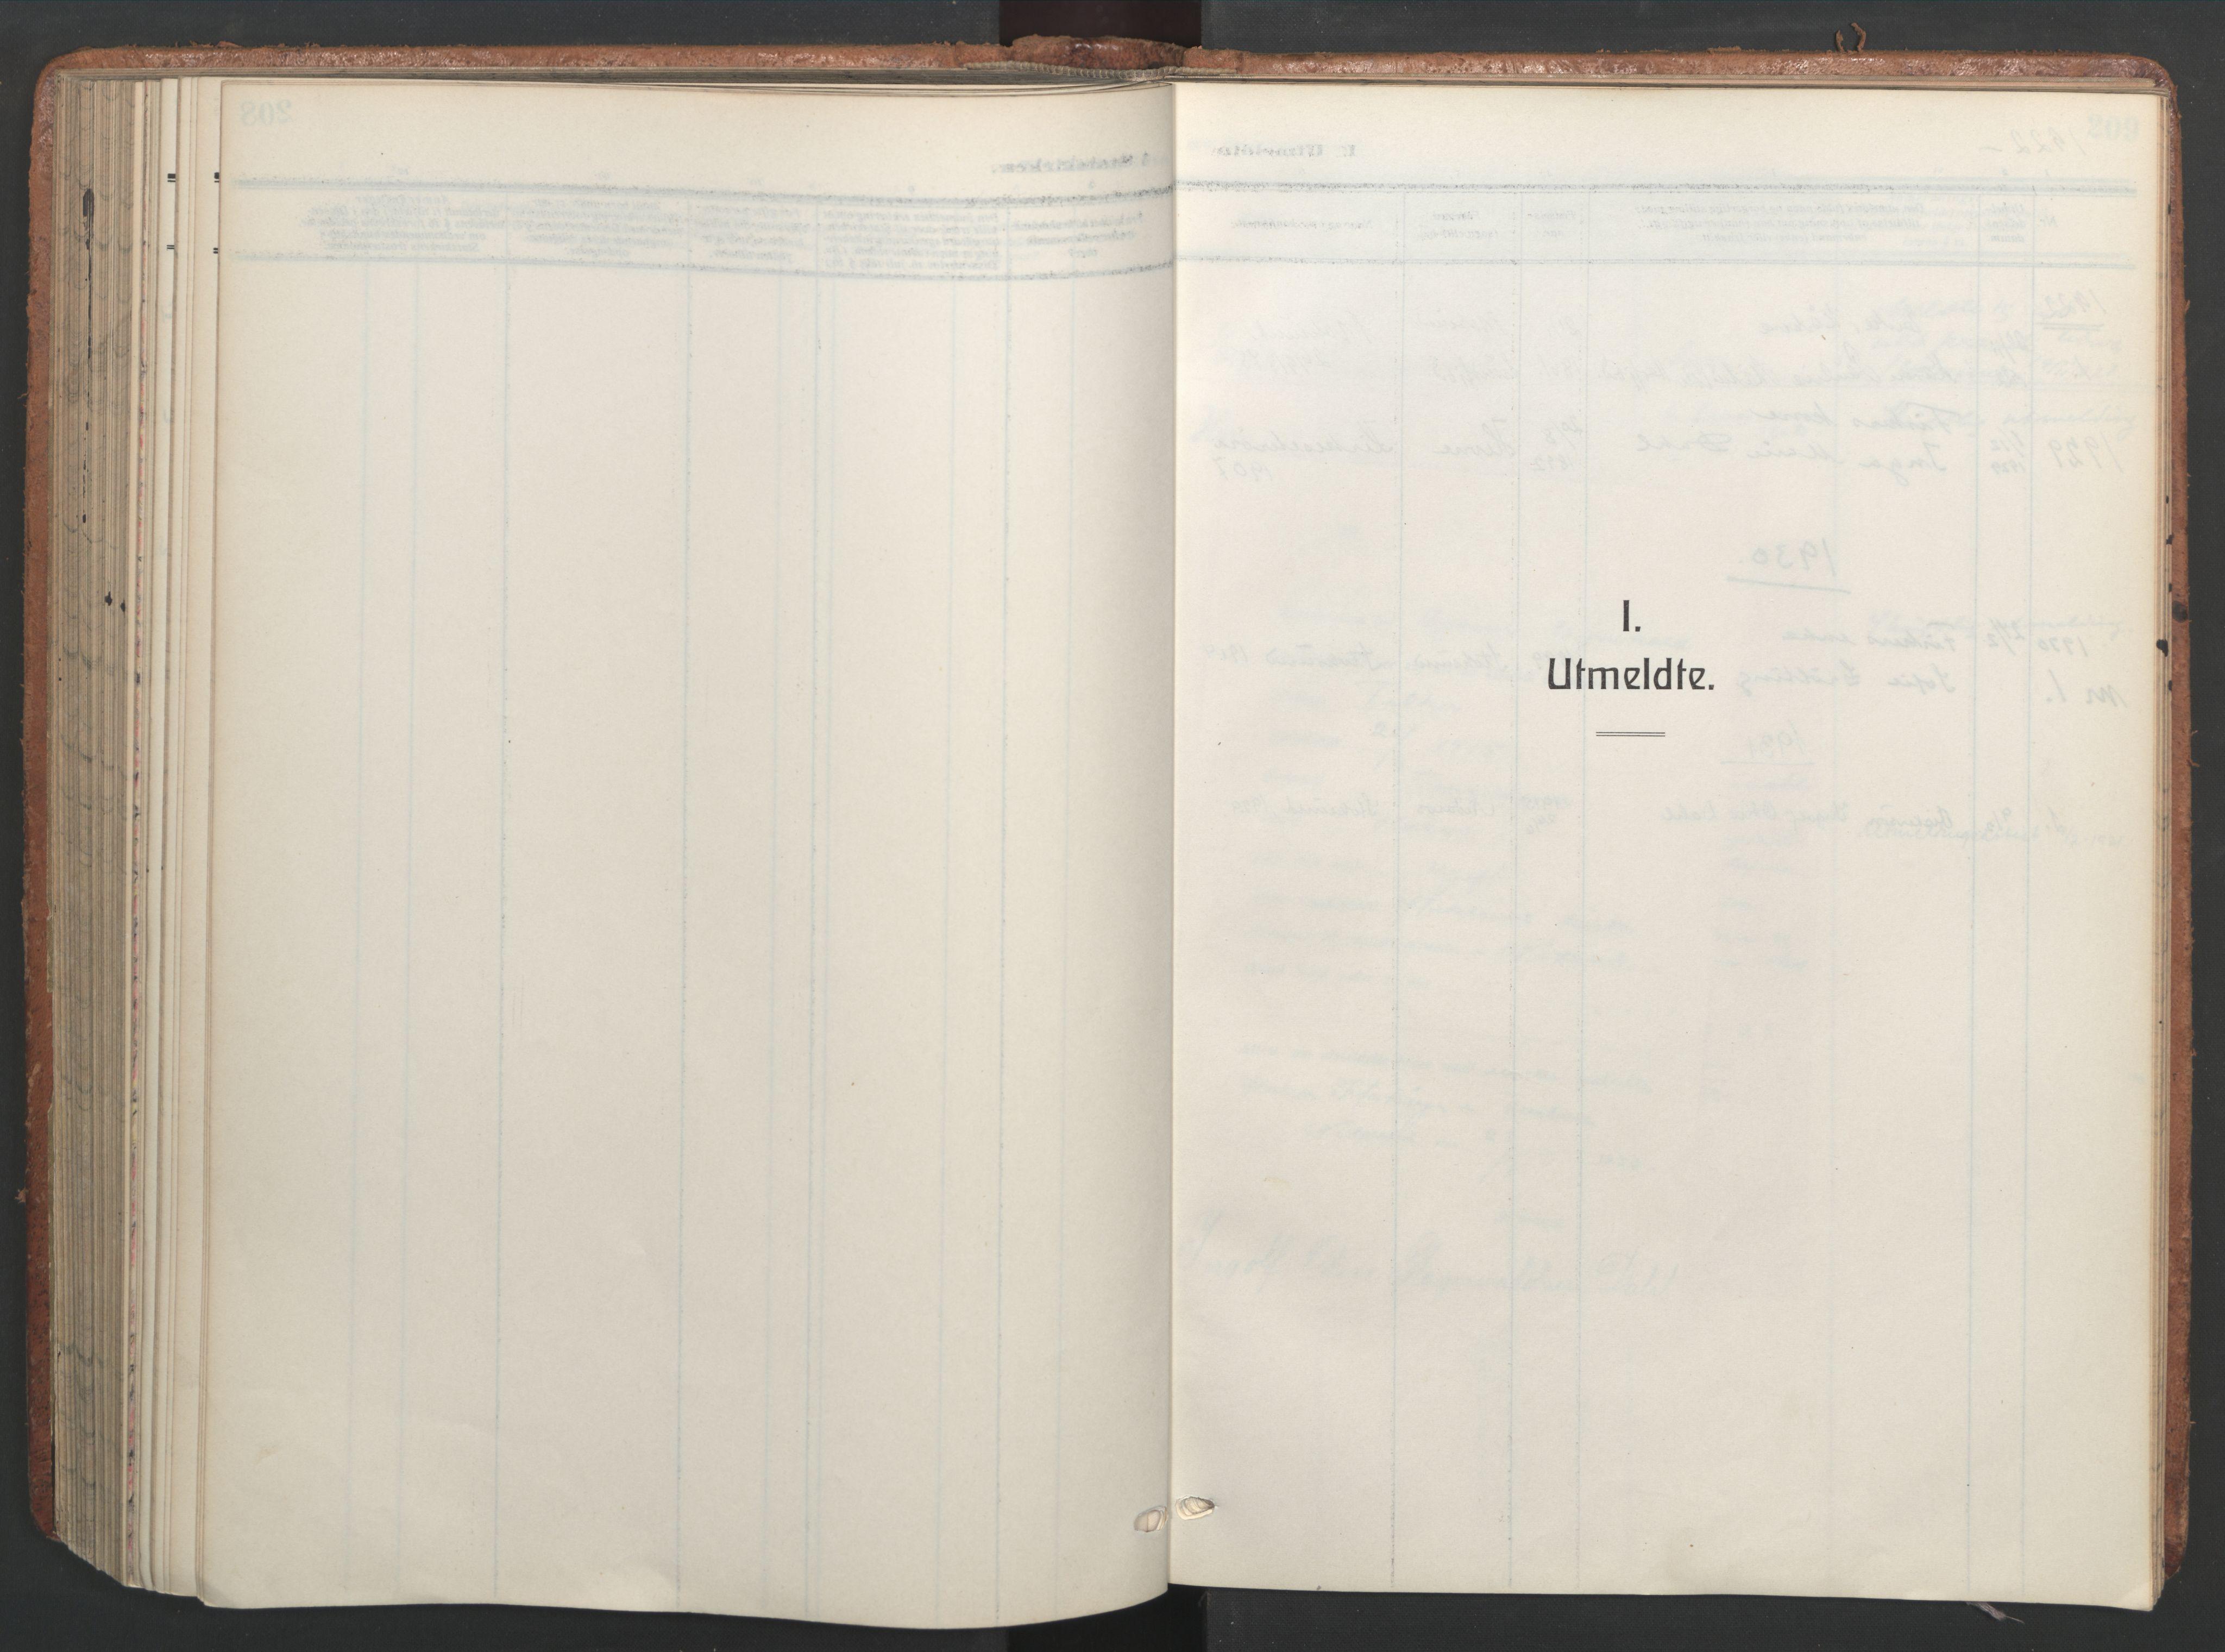 SAT, Ministerialprotokoller, klokkerbøker og fødselsregistre - Sør-Trøndelag, 656/L0694: Ministerialbok nr. 656A03, 1914-1931, s. 207